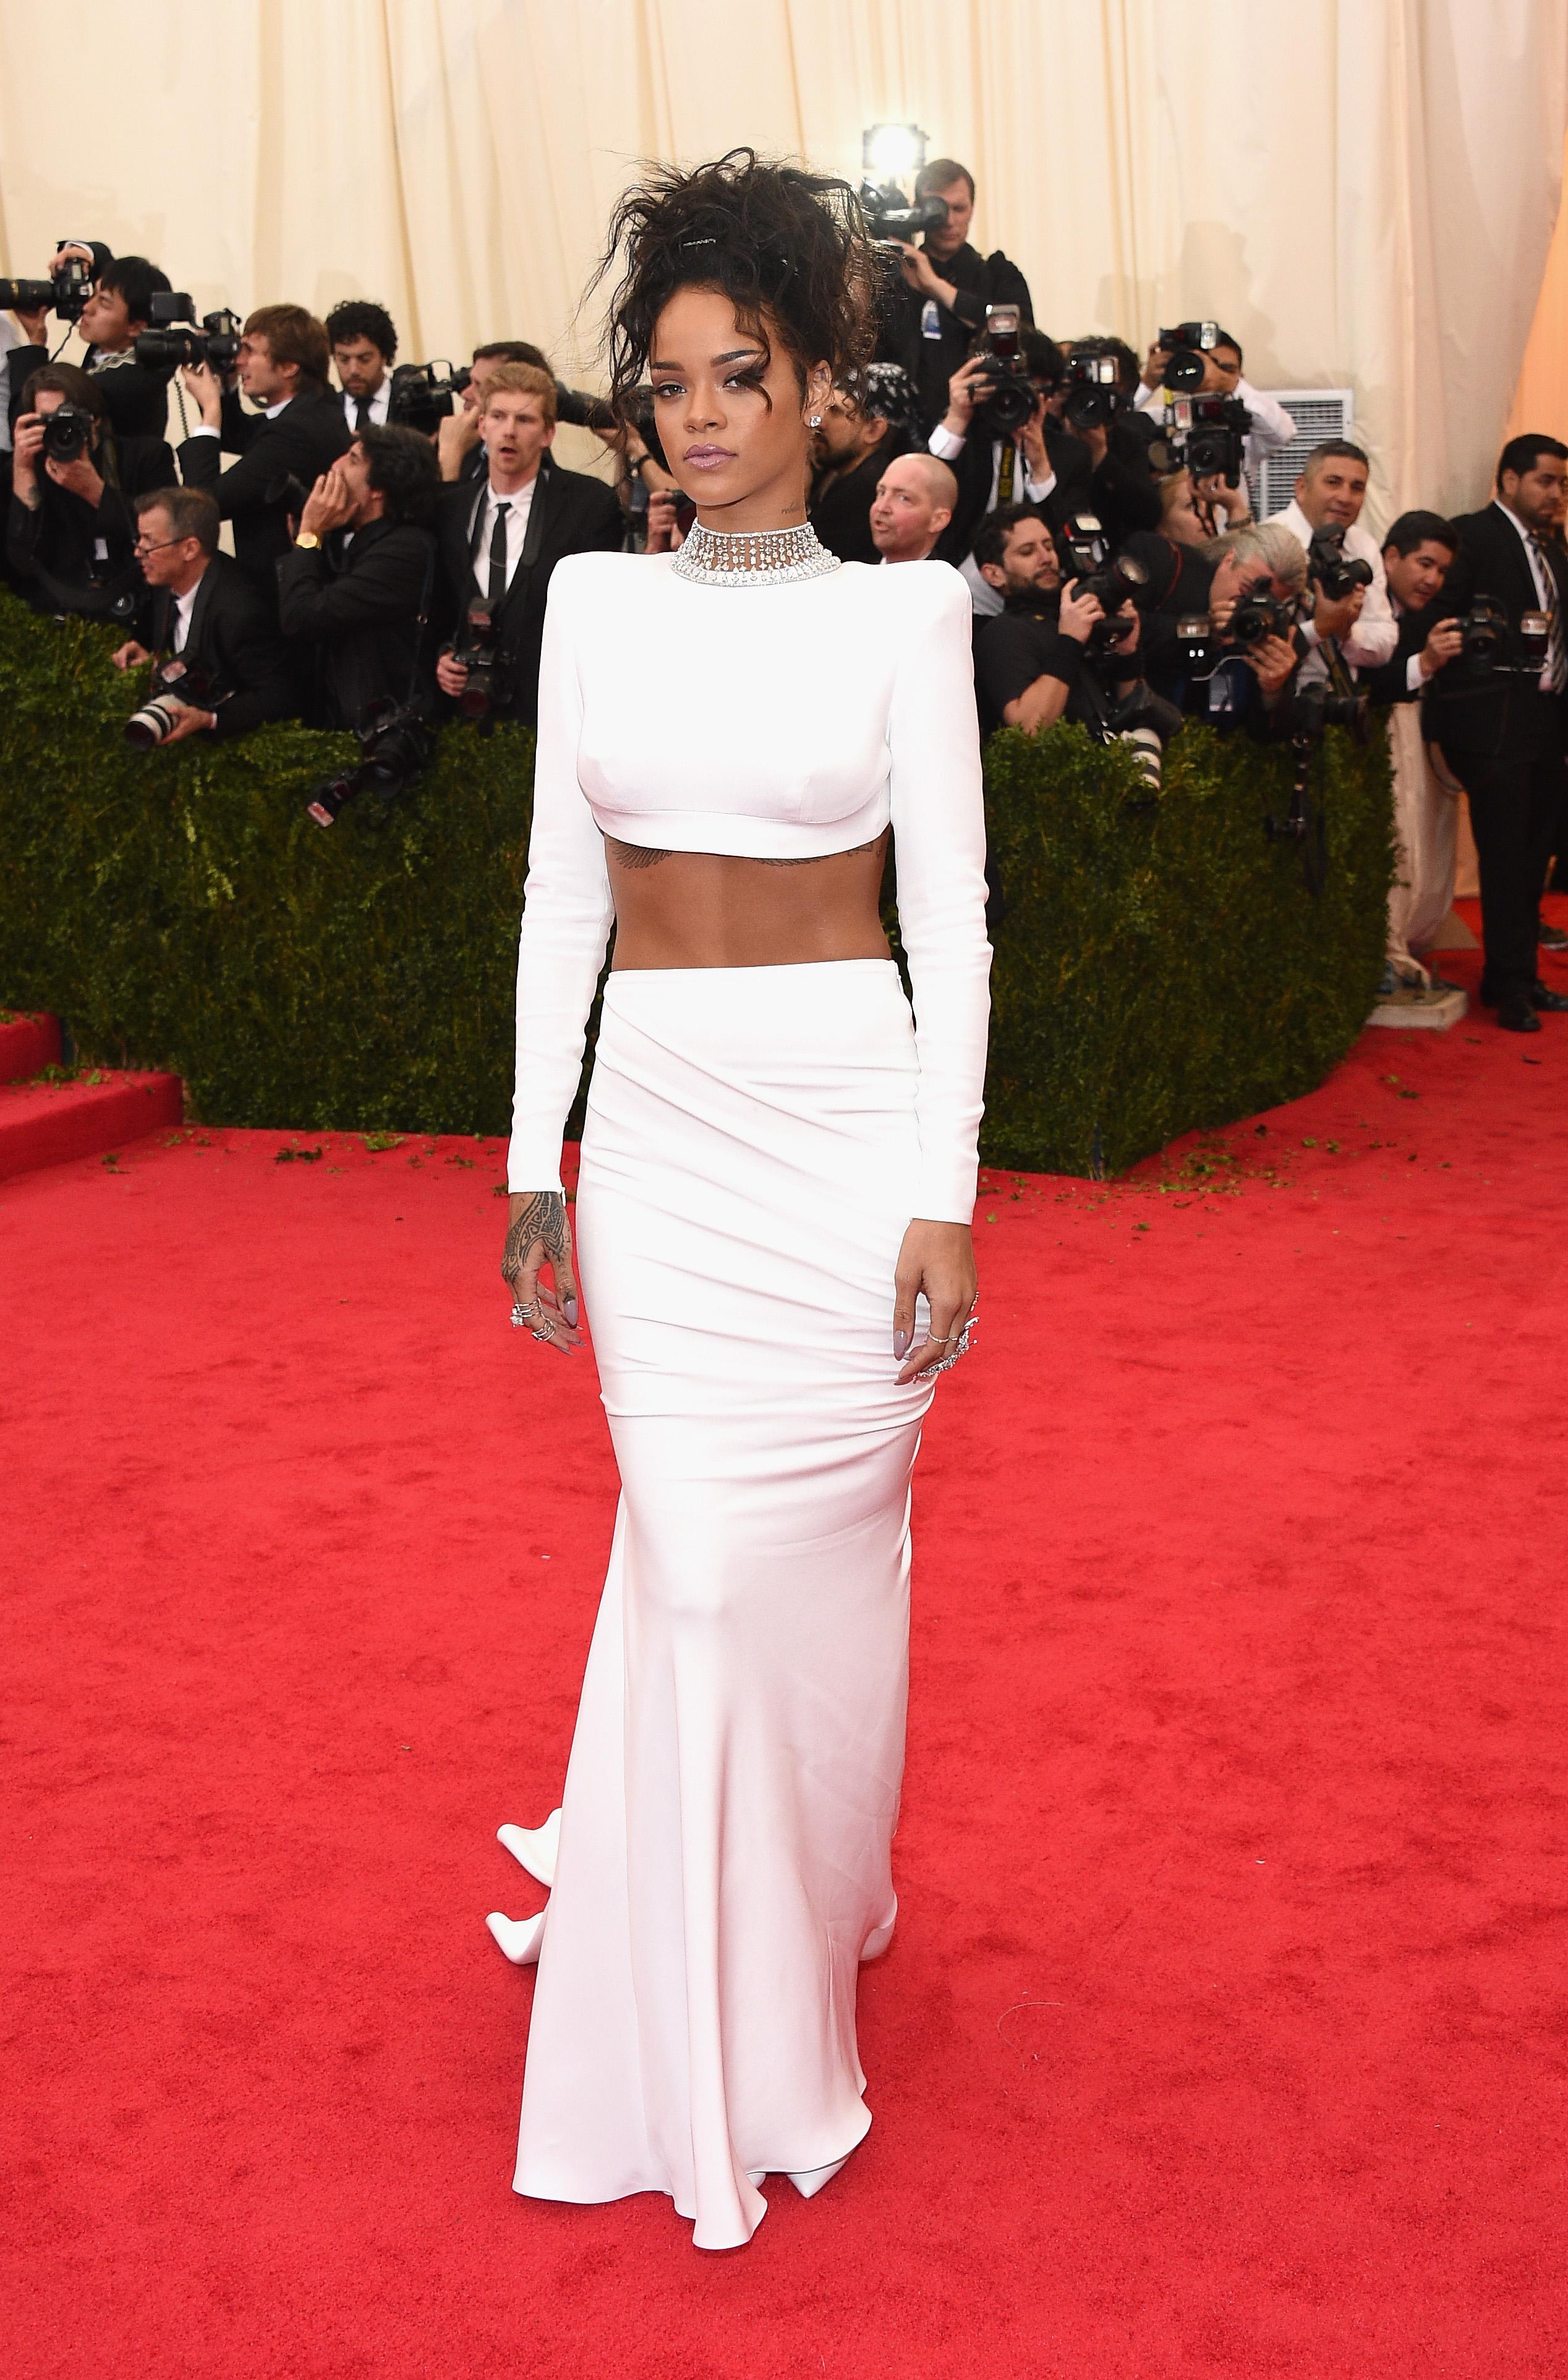 Rihanna Met Gala Red Carpet Photos - Rihanna Red Carpet ...